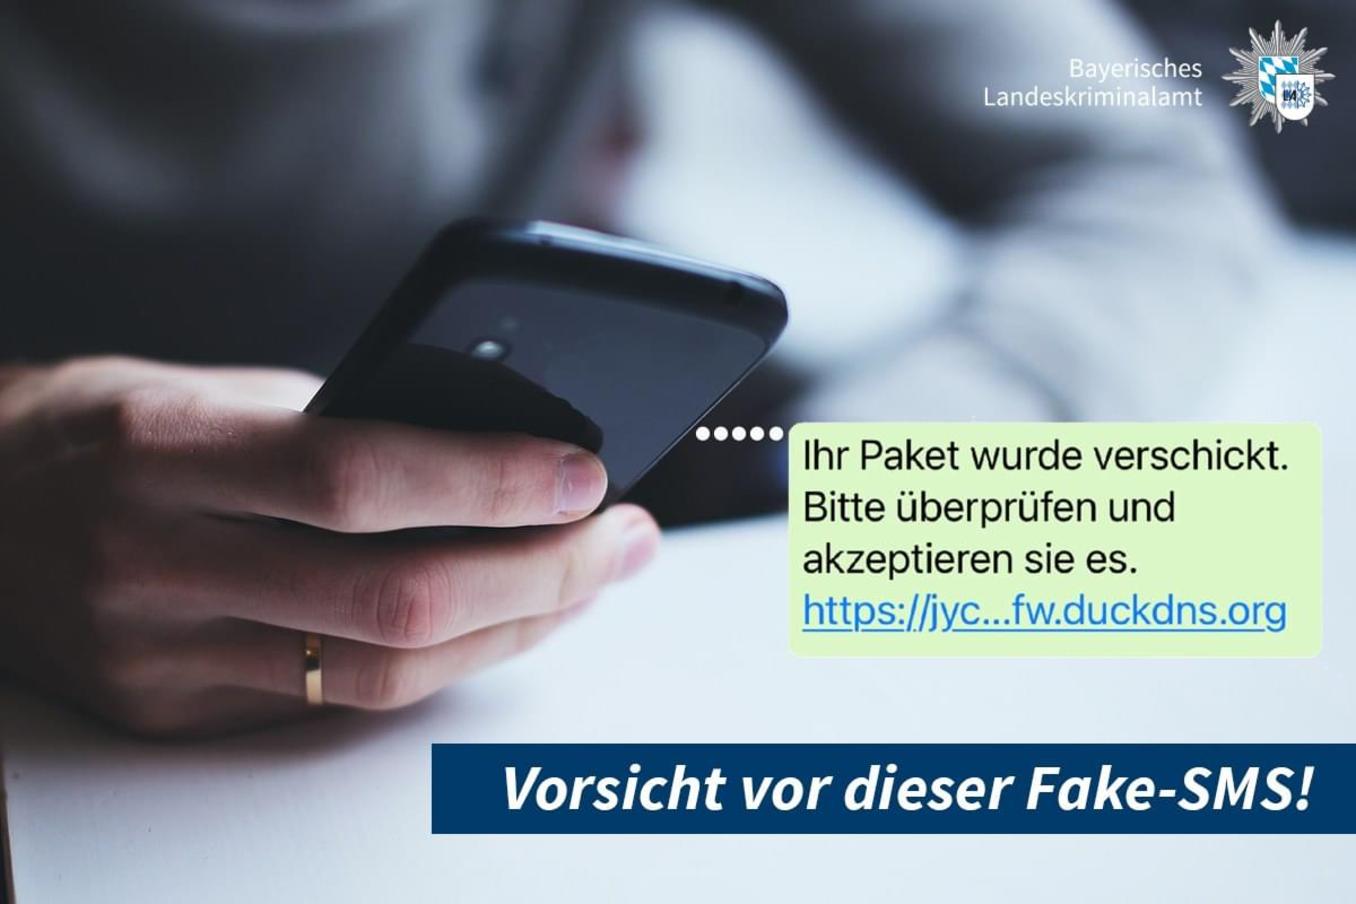 Bayerisches LKA warnt vor dieser Fake-SMS: Darauf solltet